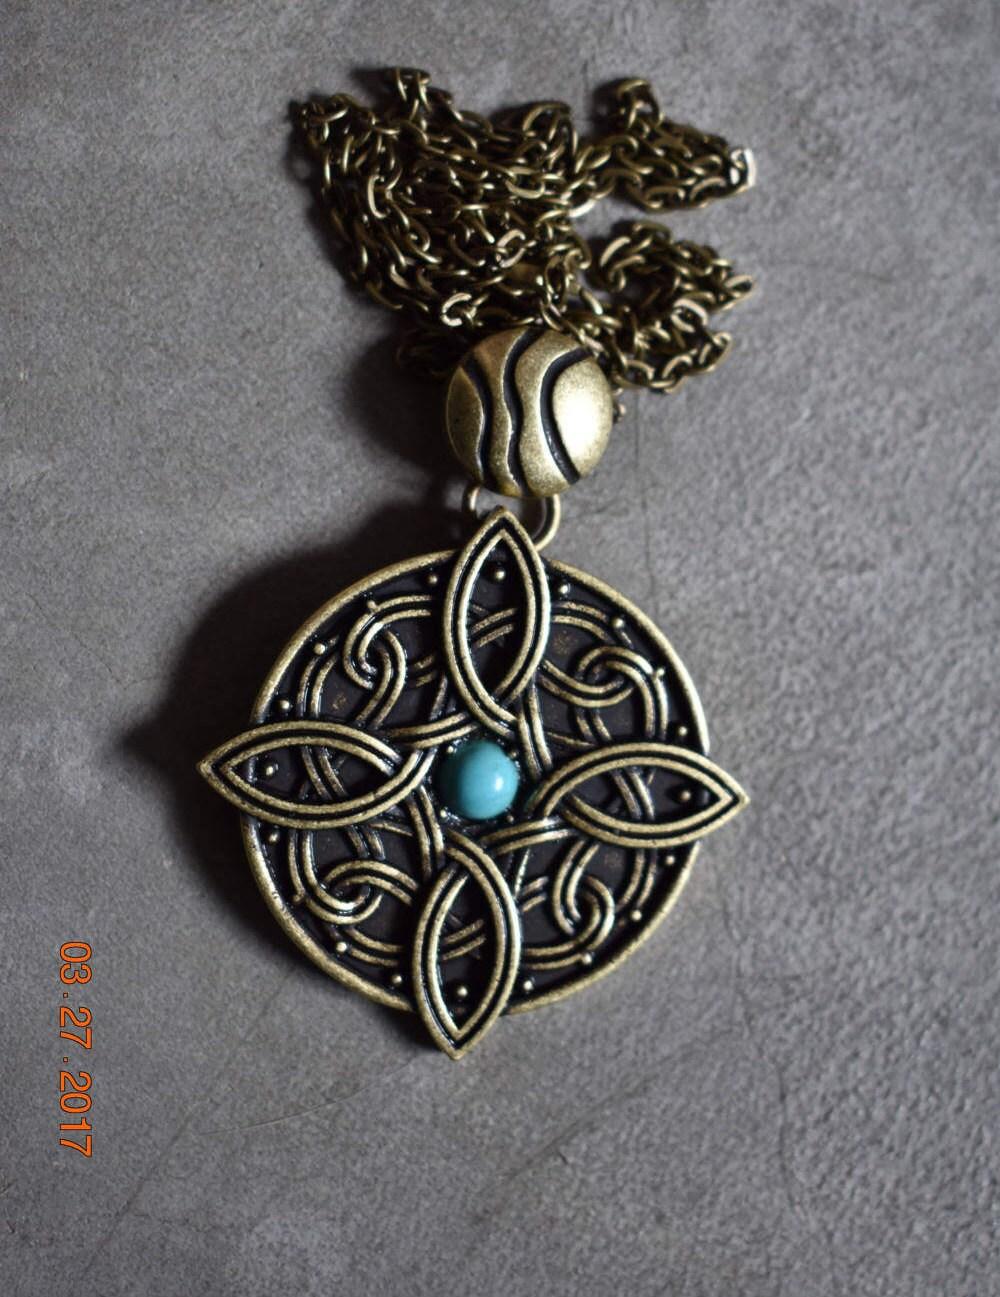 Amulet Jewelry Pendants Sothon: Amulet Of Mara Skyrim Necklace W/ Turquoise Stone. Bronze